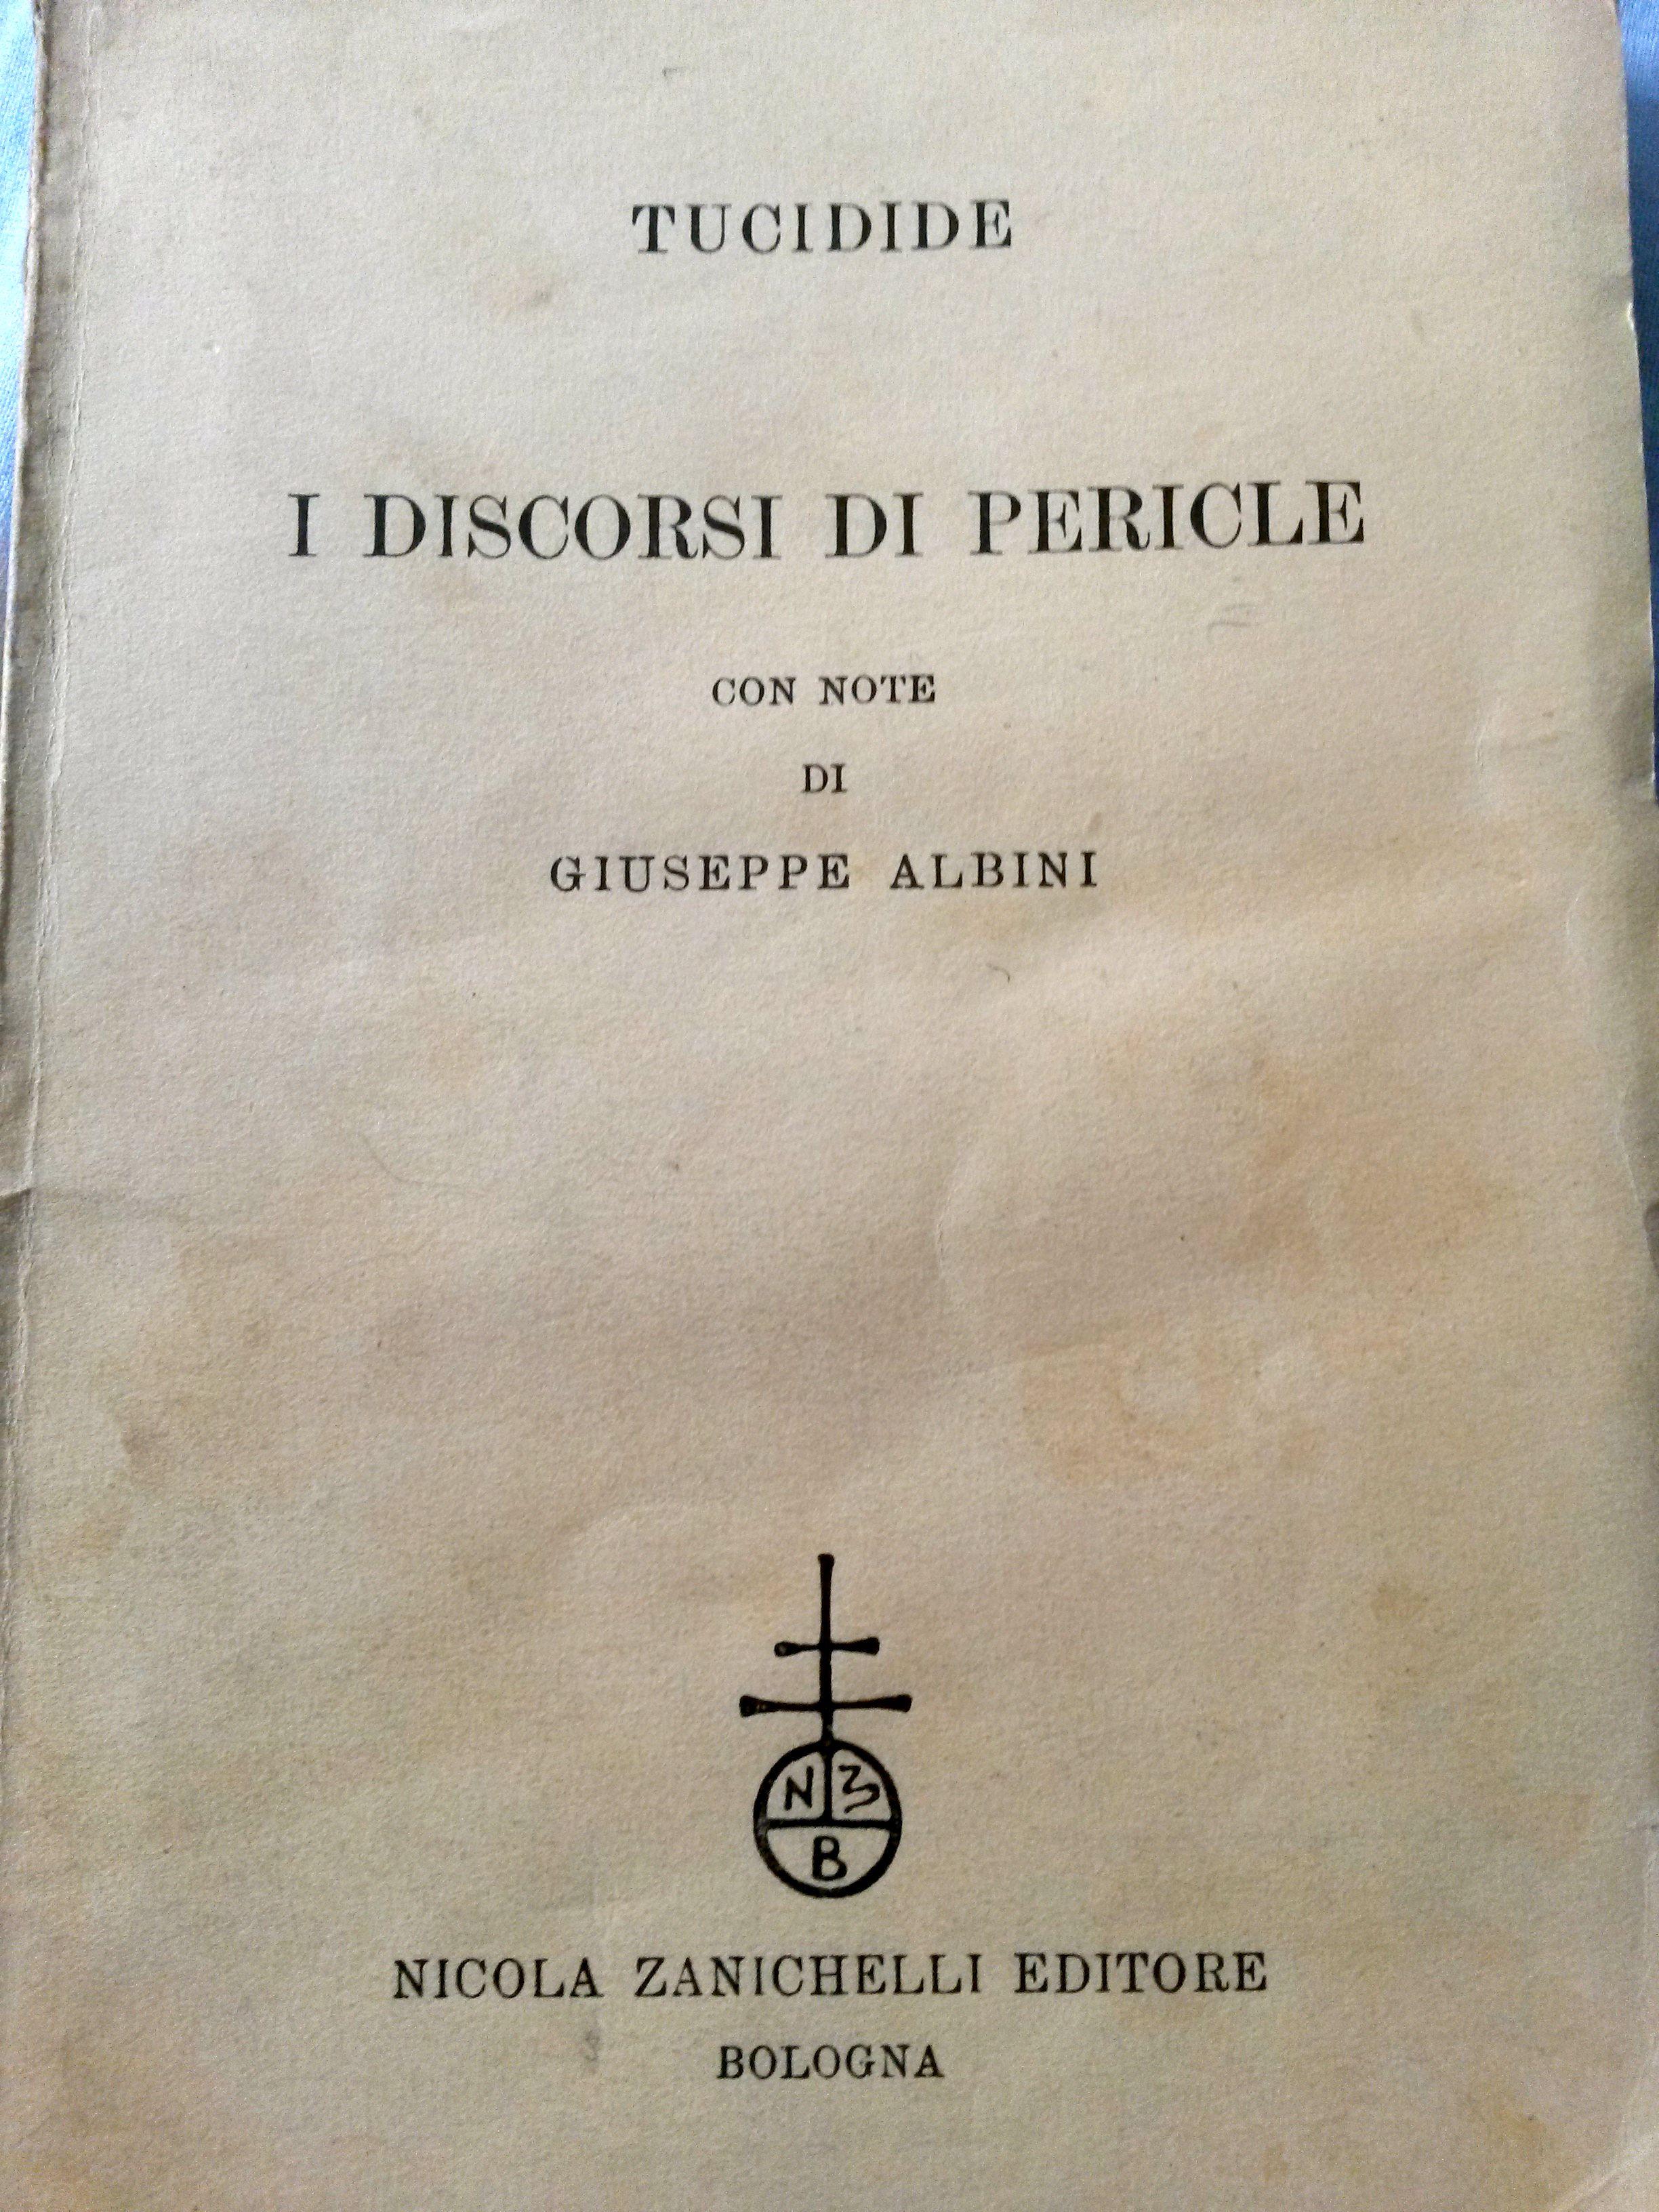 I discorsi di Pericle